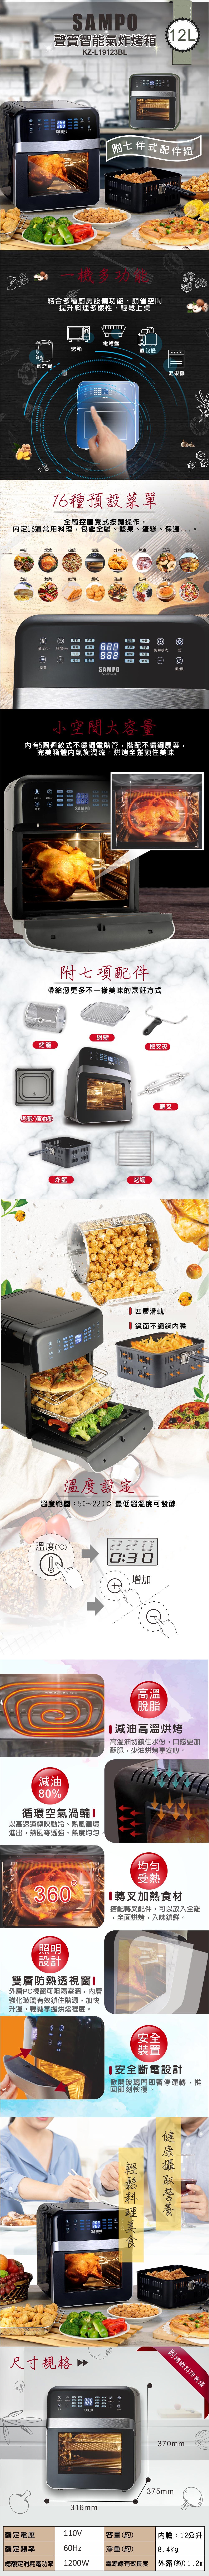 【聲寶】12L智能氣炸烤箱KZ-L19123BL